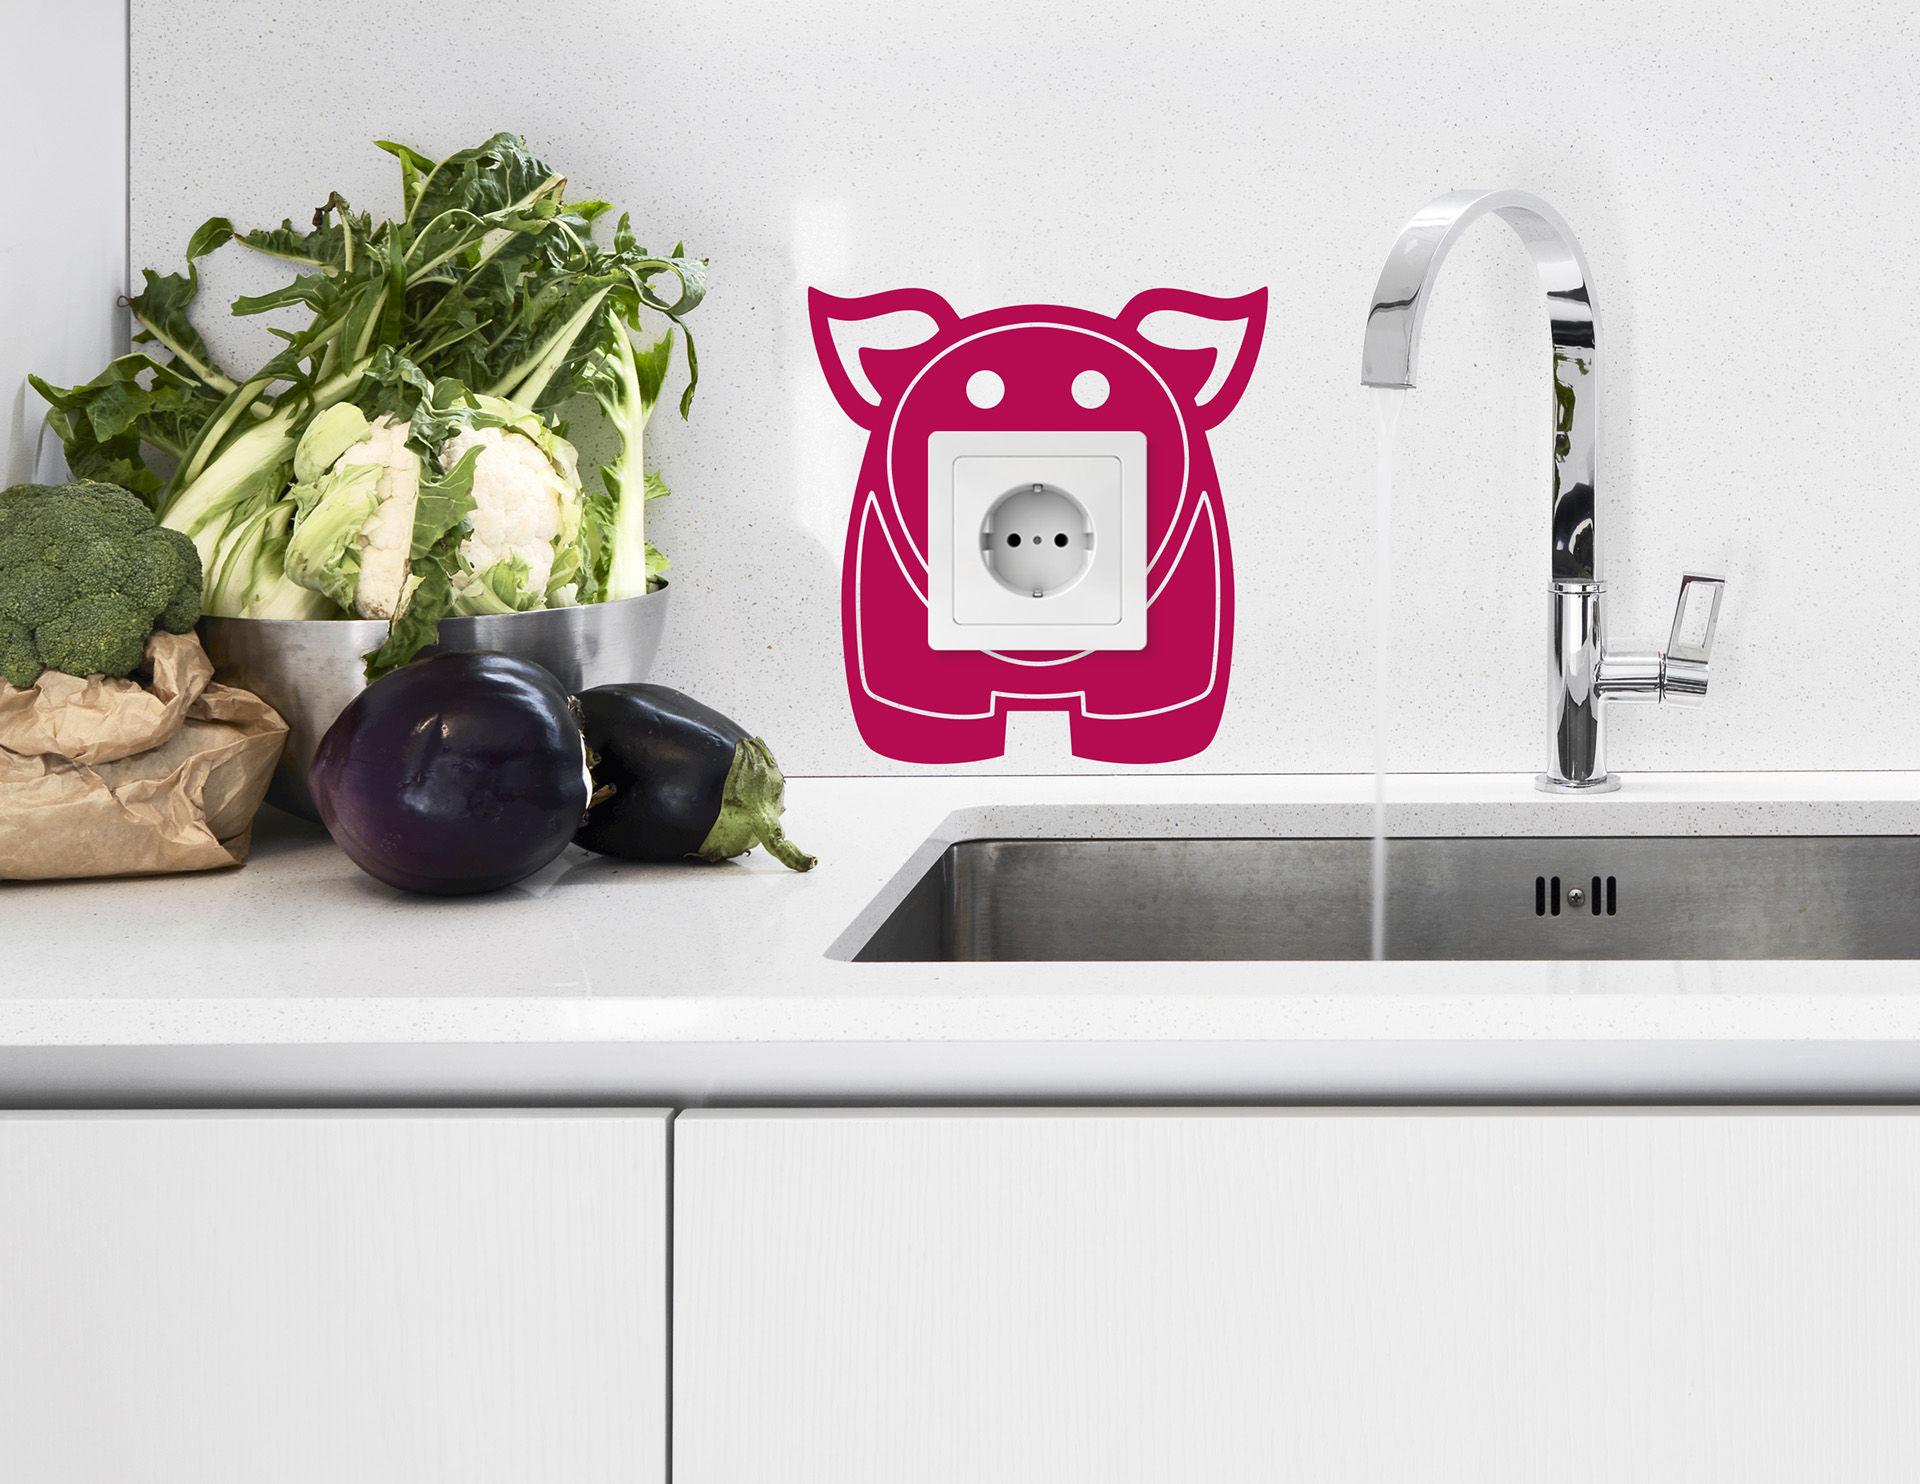 Wandtattoo Schweinchen Oink für die Steckdose